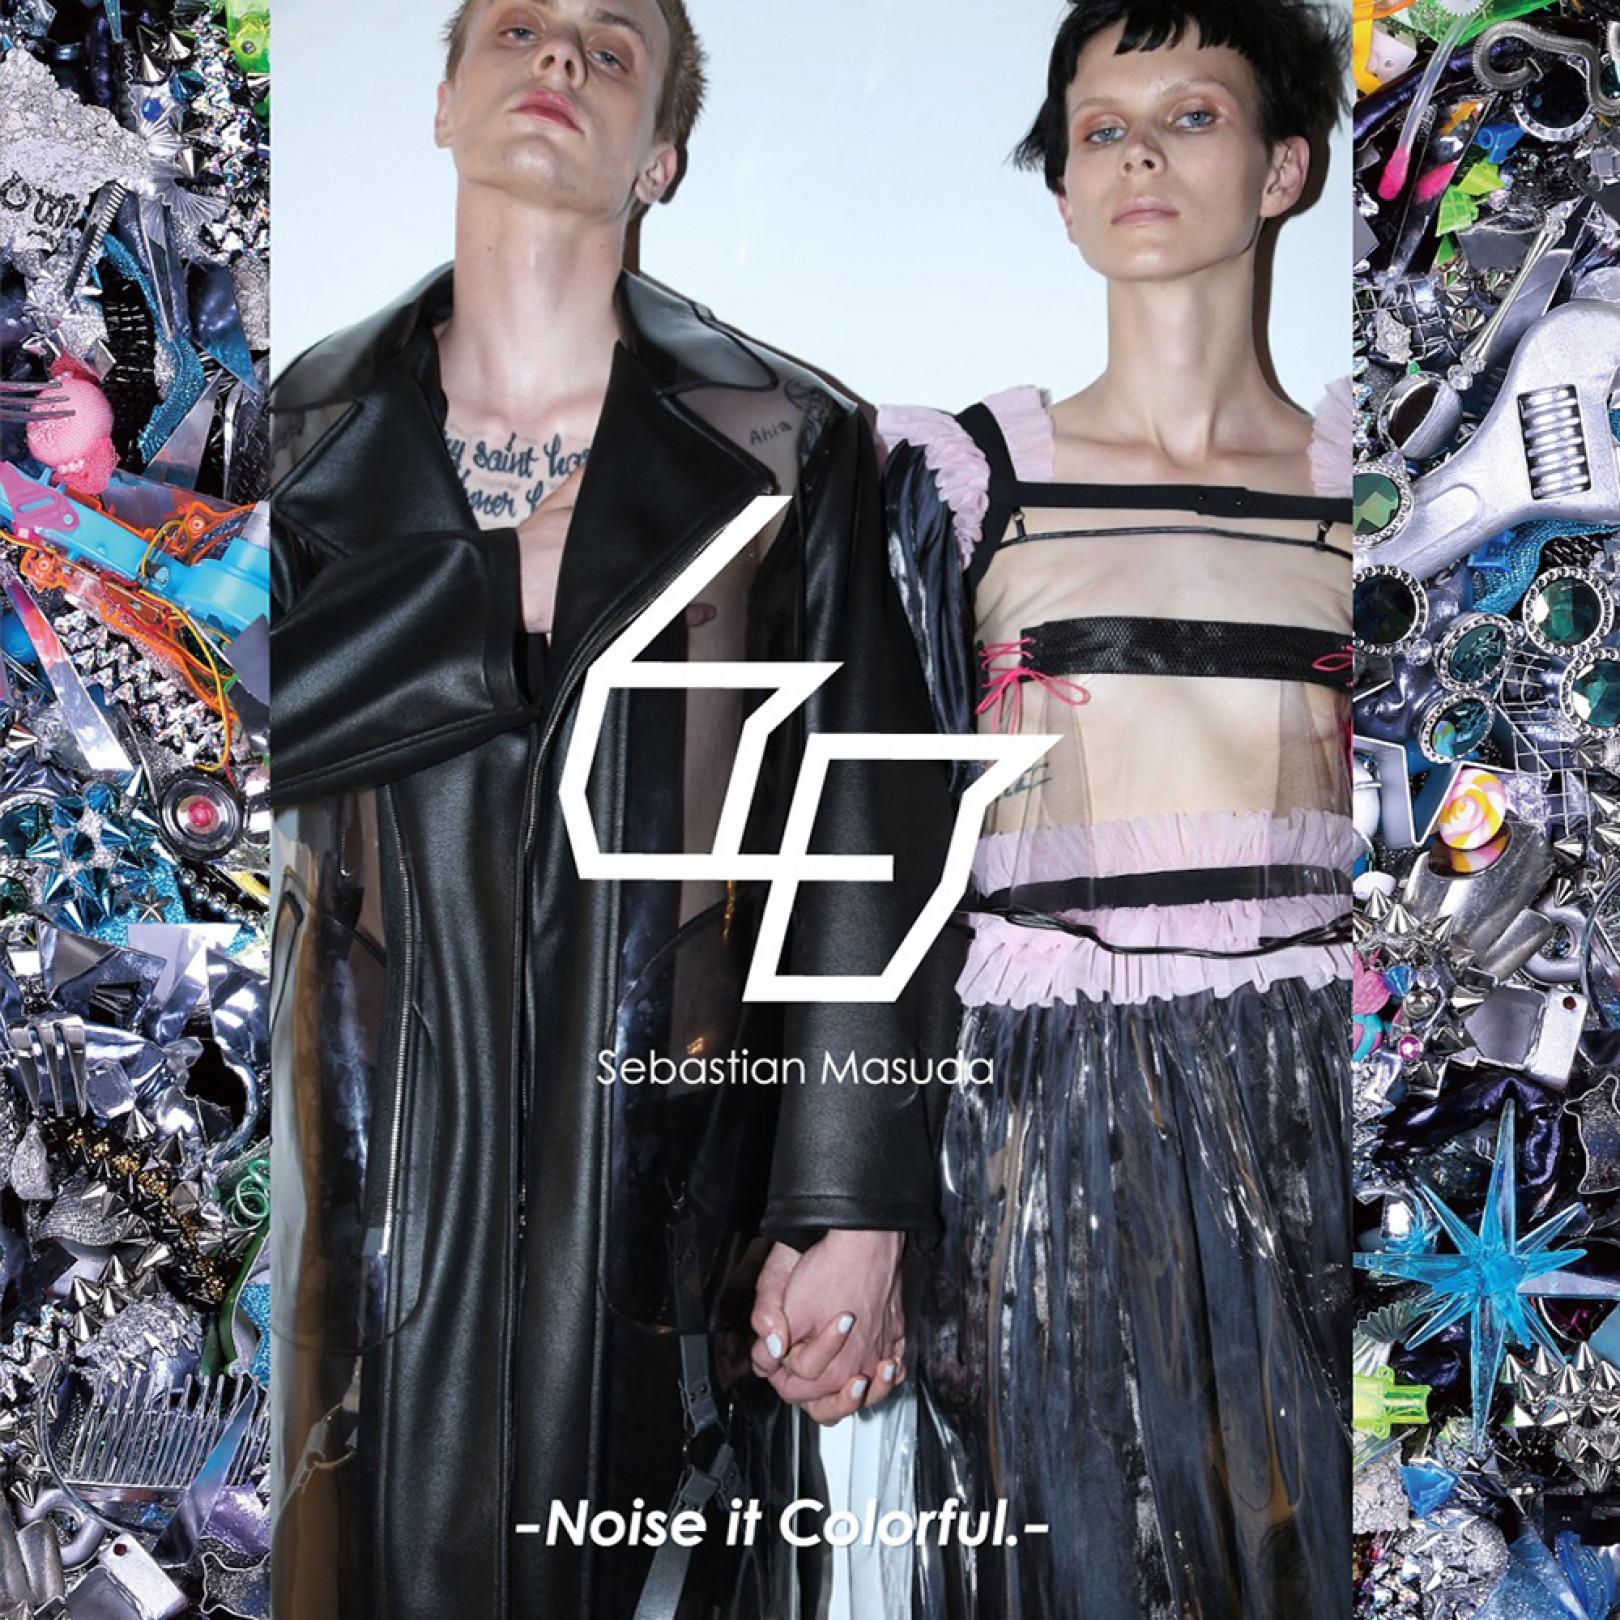 期間限定ショップ「6-D Sebastian Masuda –Noise it Colorful.-」オープン